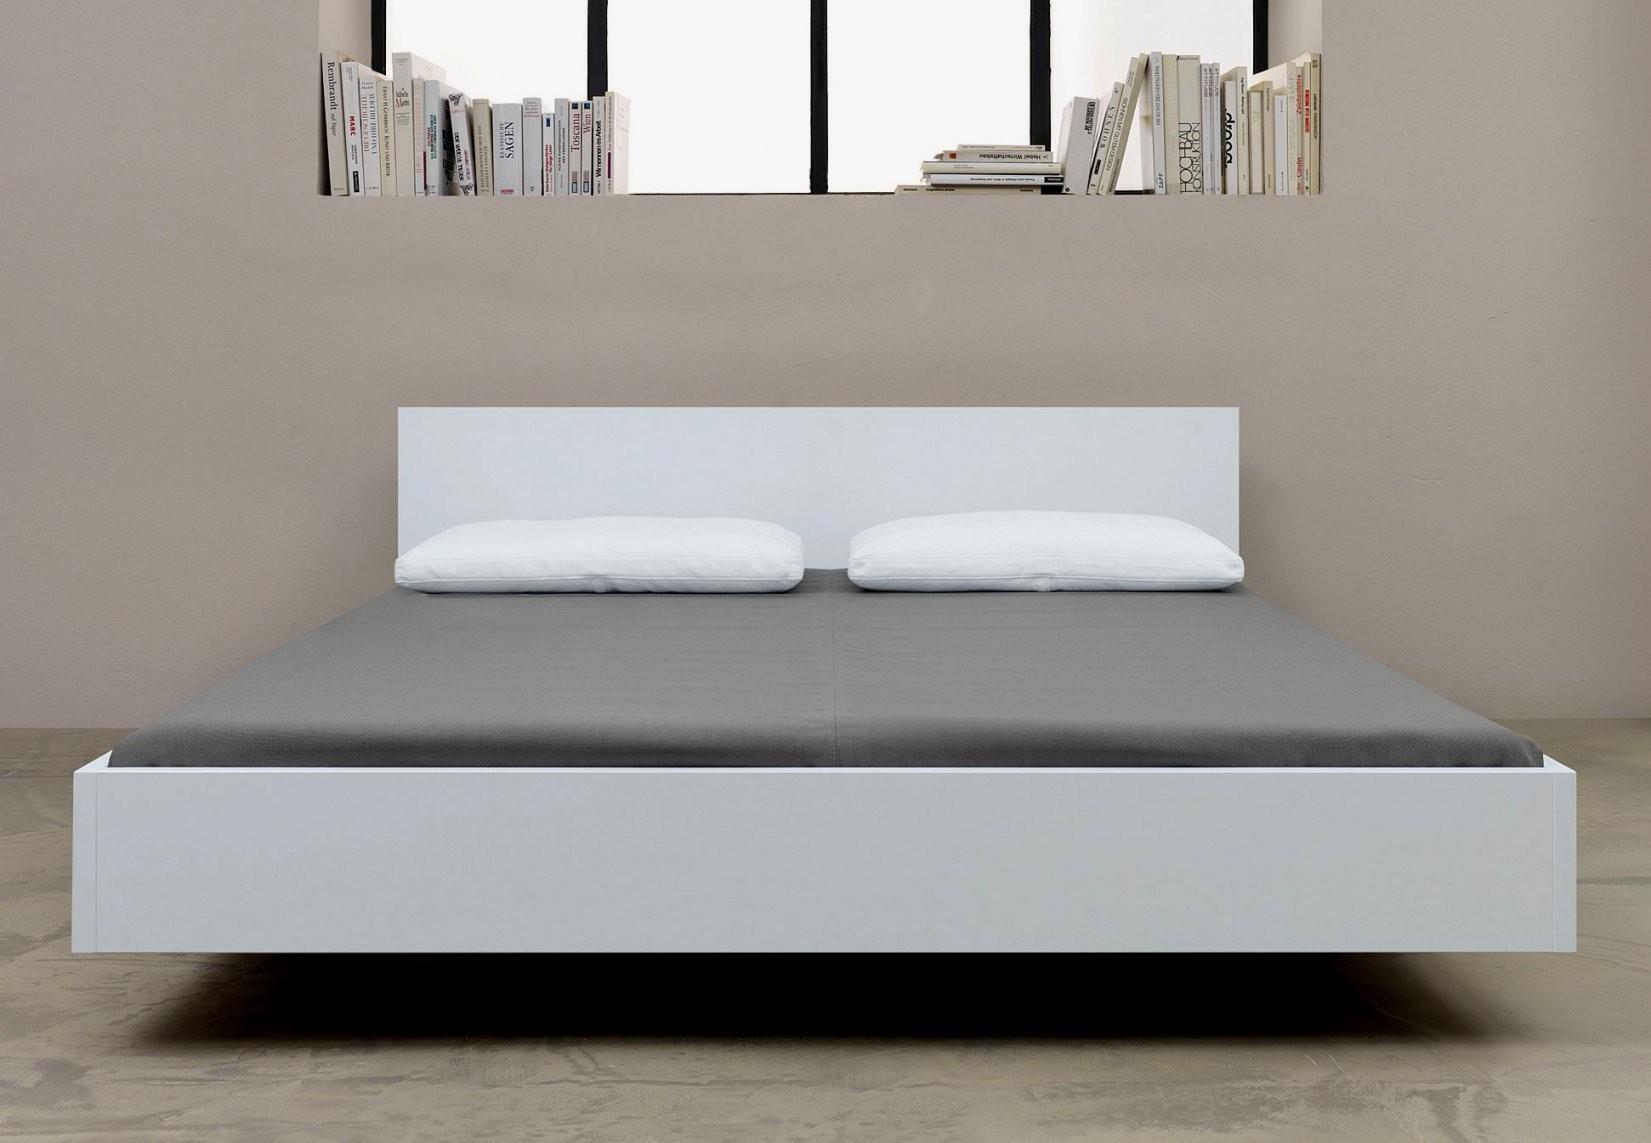 Ausgezeichnet Weißes Bett 180X200 Ansprechend Weises Metall Mit von Bett 180X200 Weiß Holz Photo